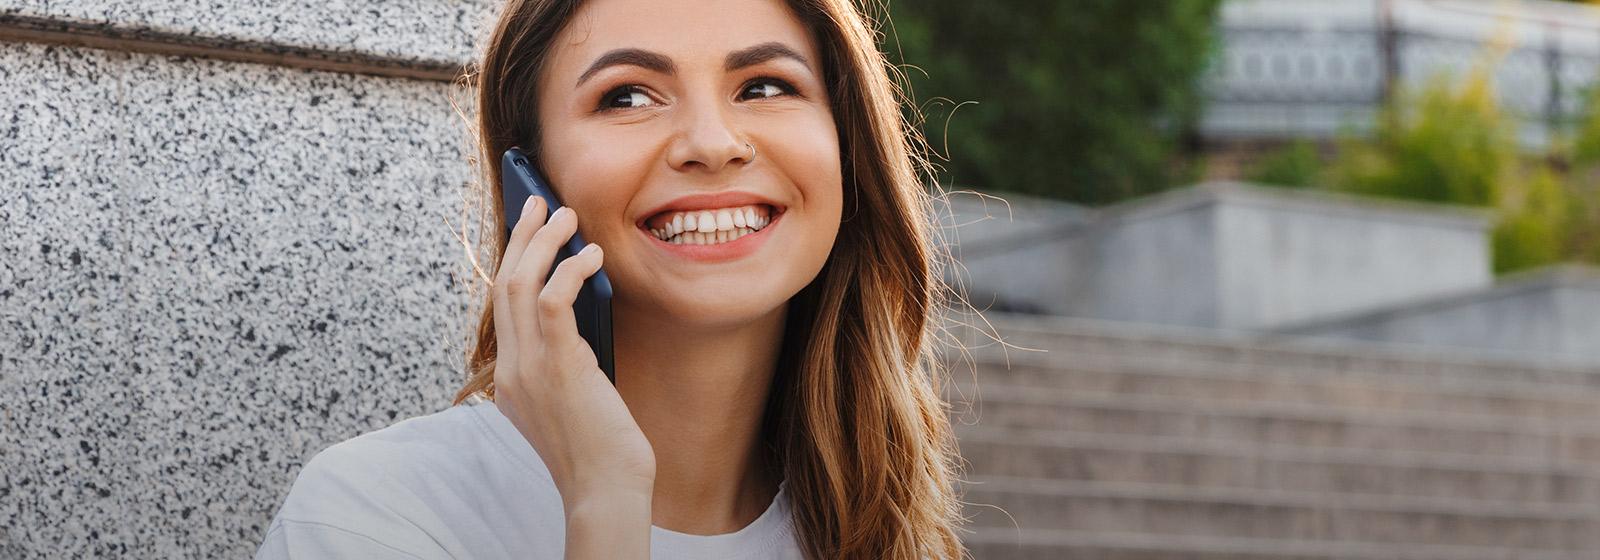 mujer consultora yanbal sonriendo preguntas frecuentes